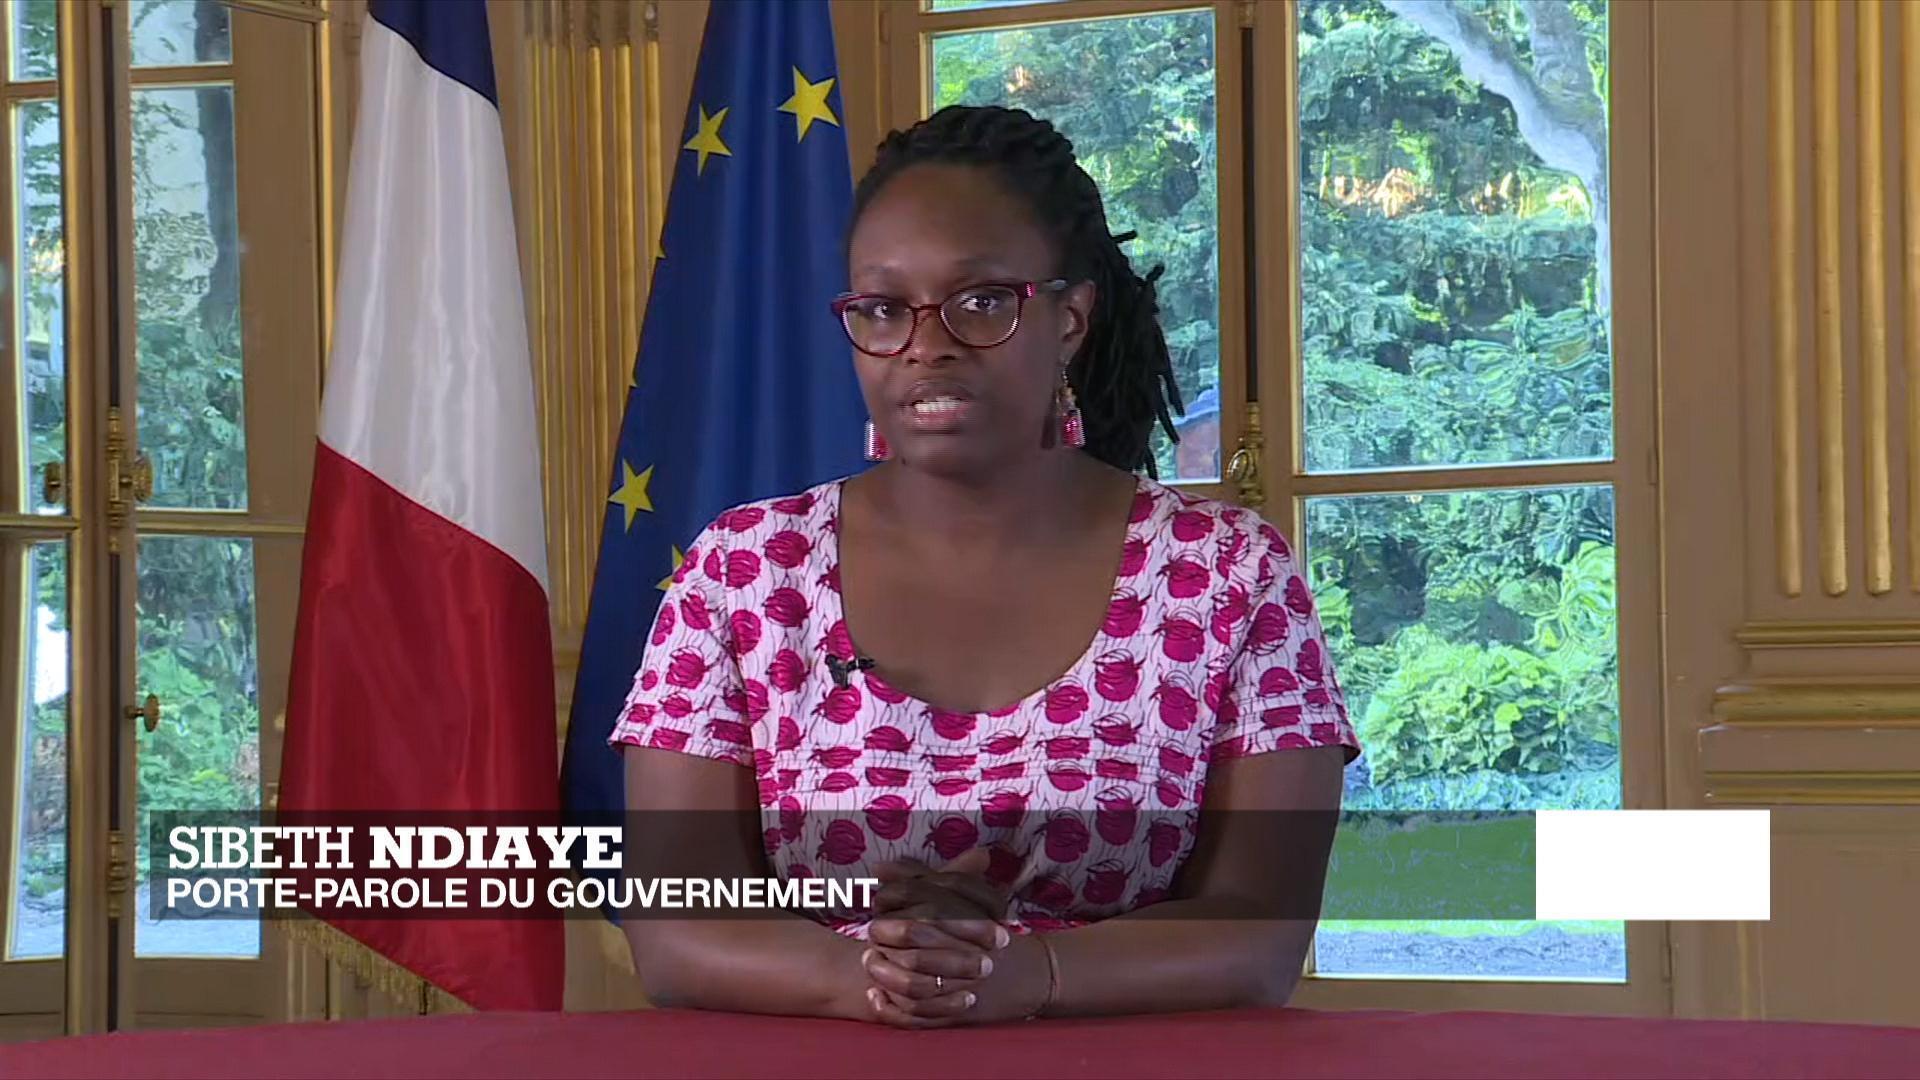 La porte-parole du gouvernement, Sibeth Ndiaye